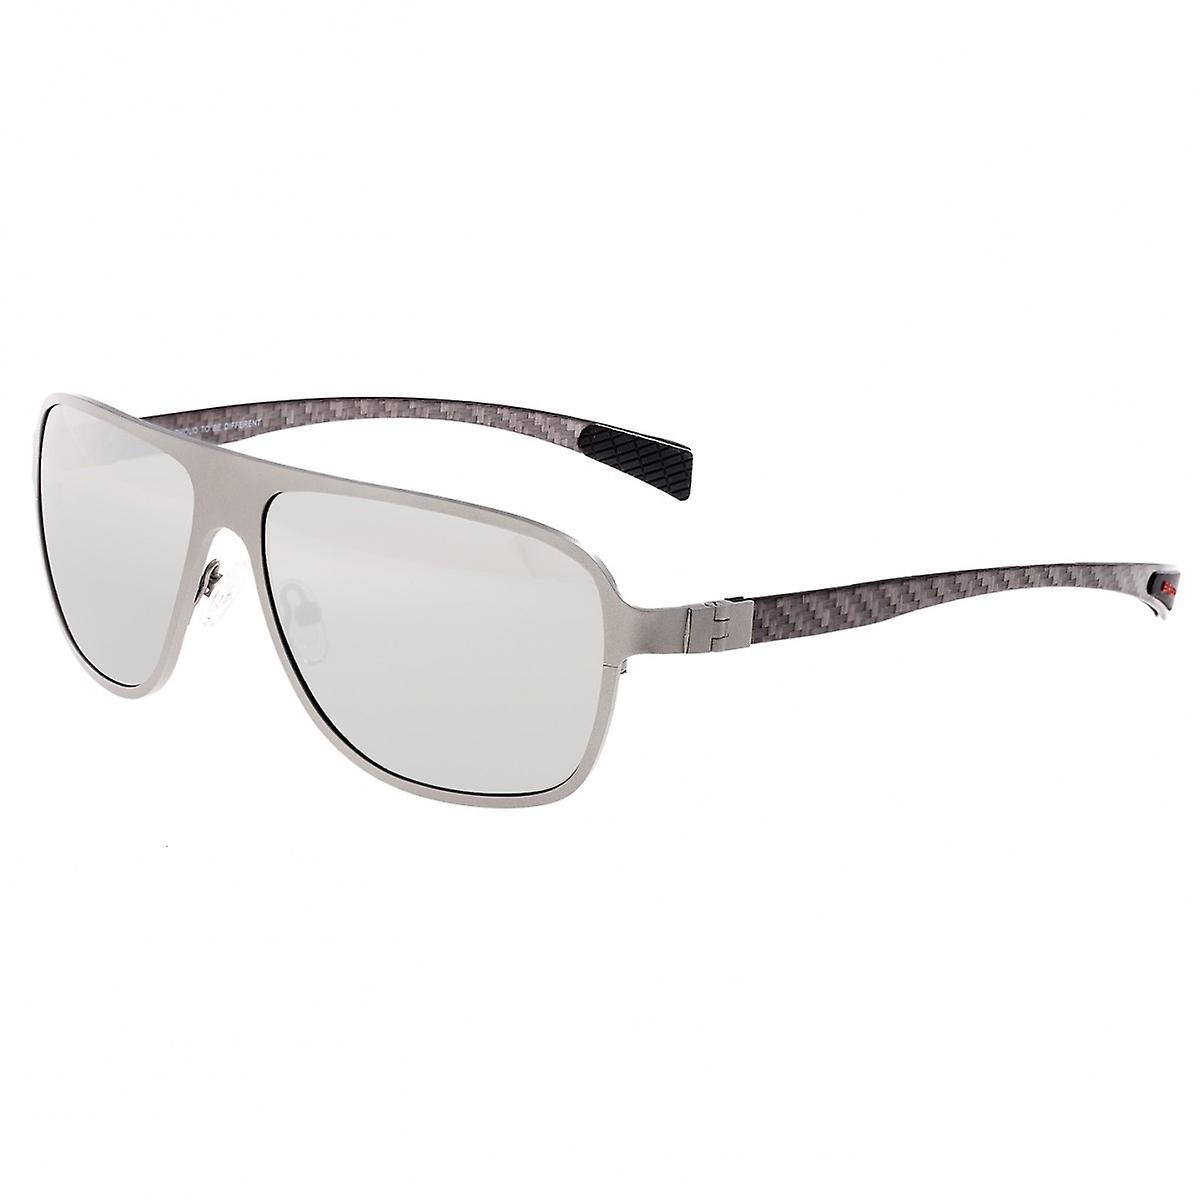 Race ambiance titane et fibre de carbone Polarized lunettes de soleil - argent argent